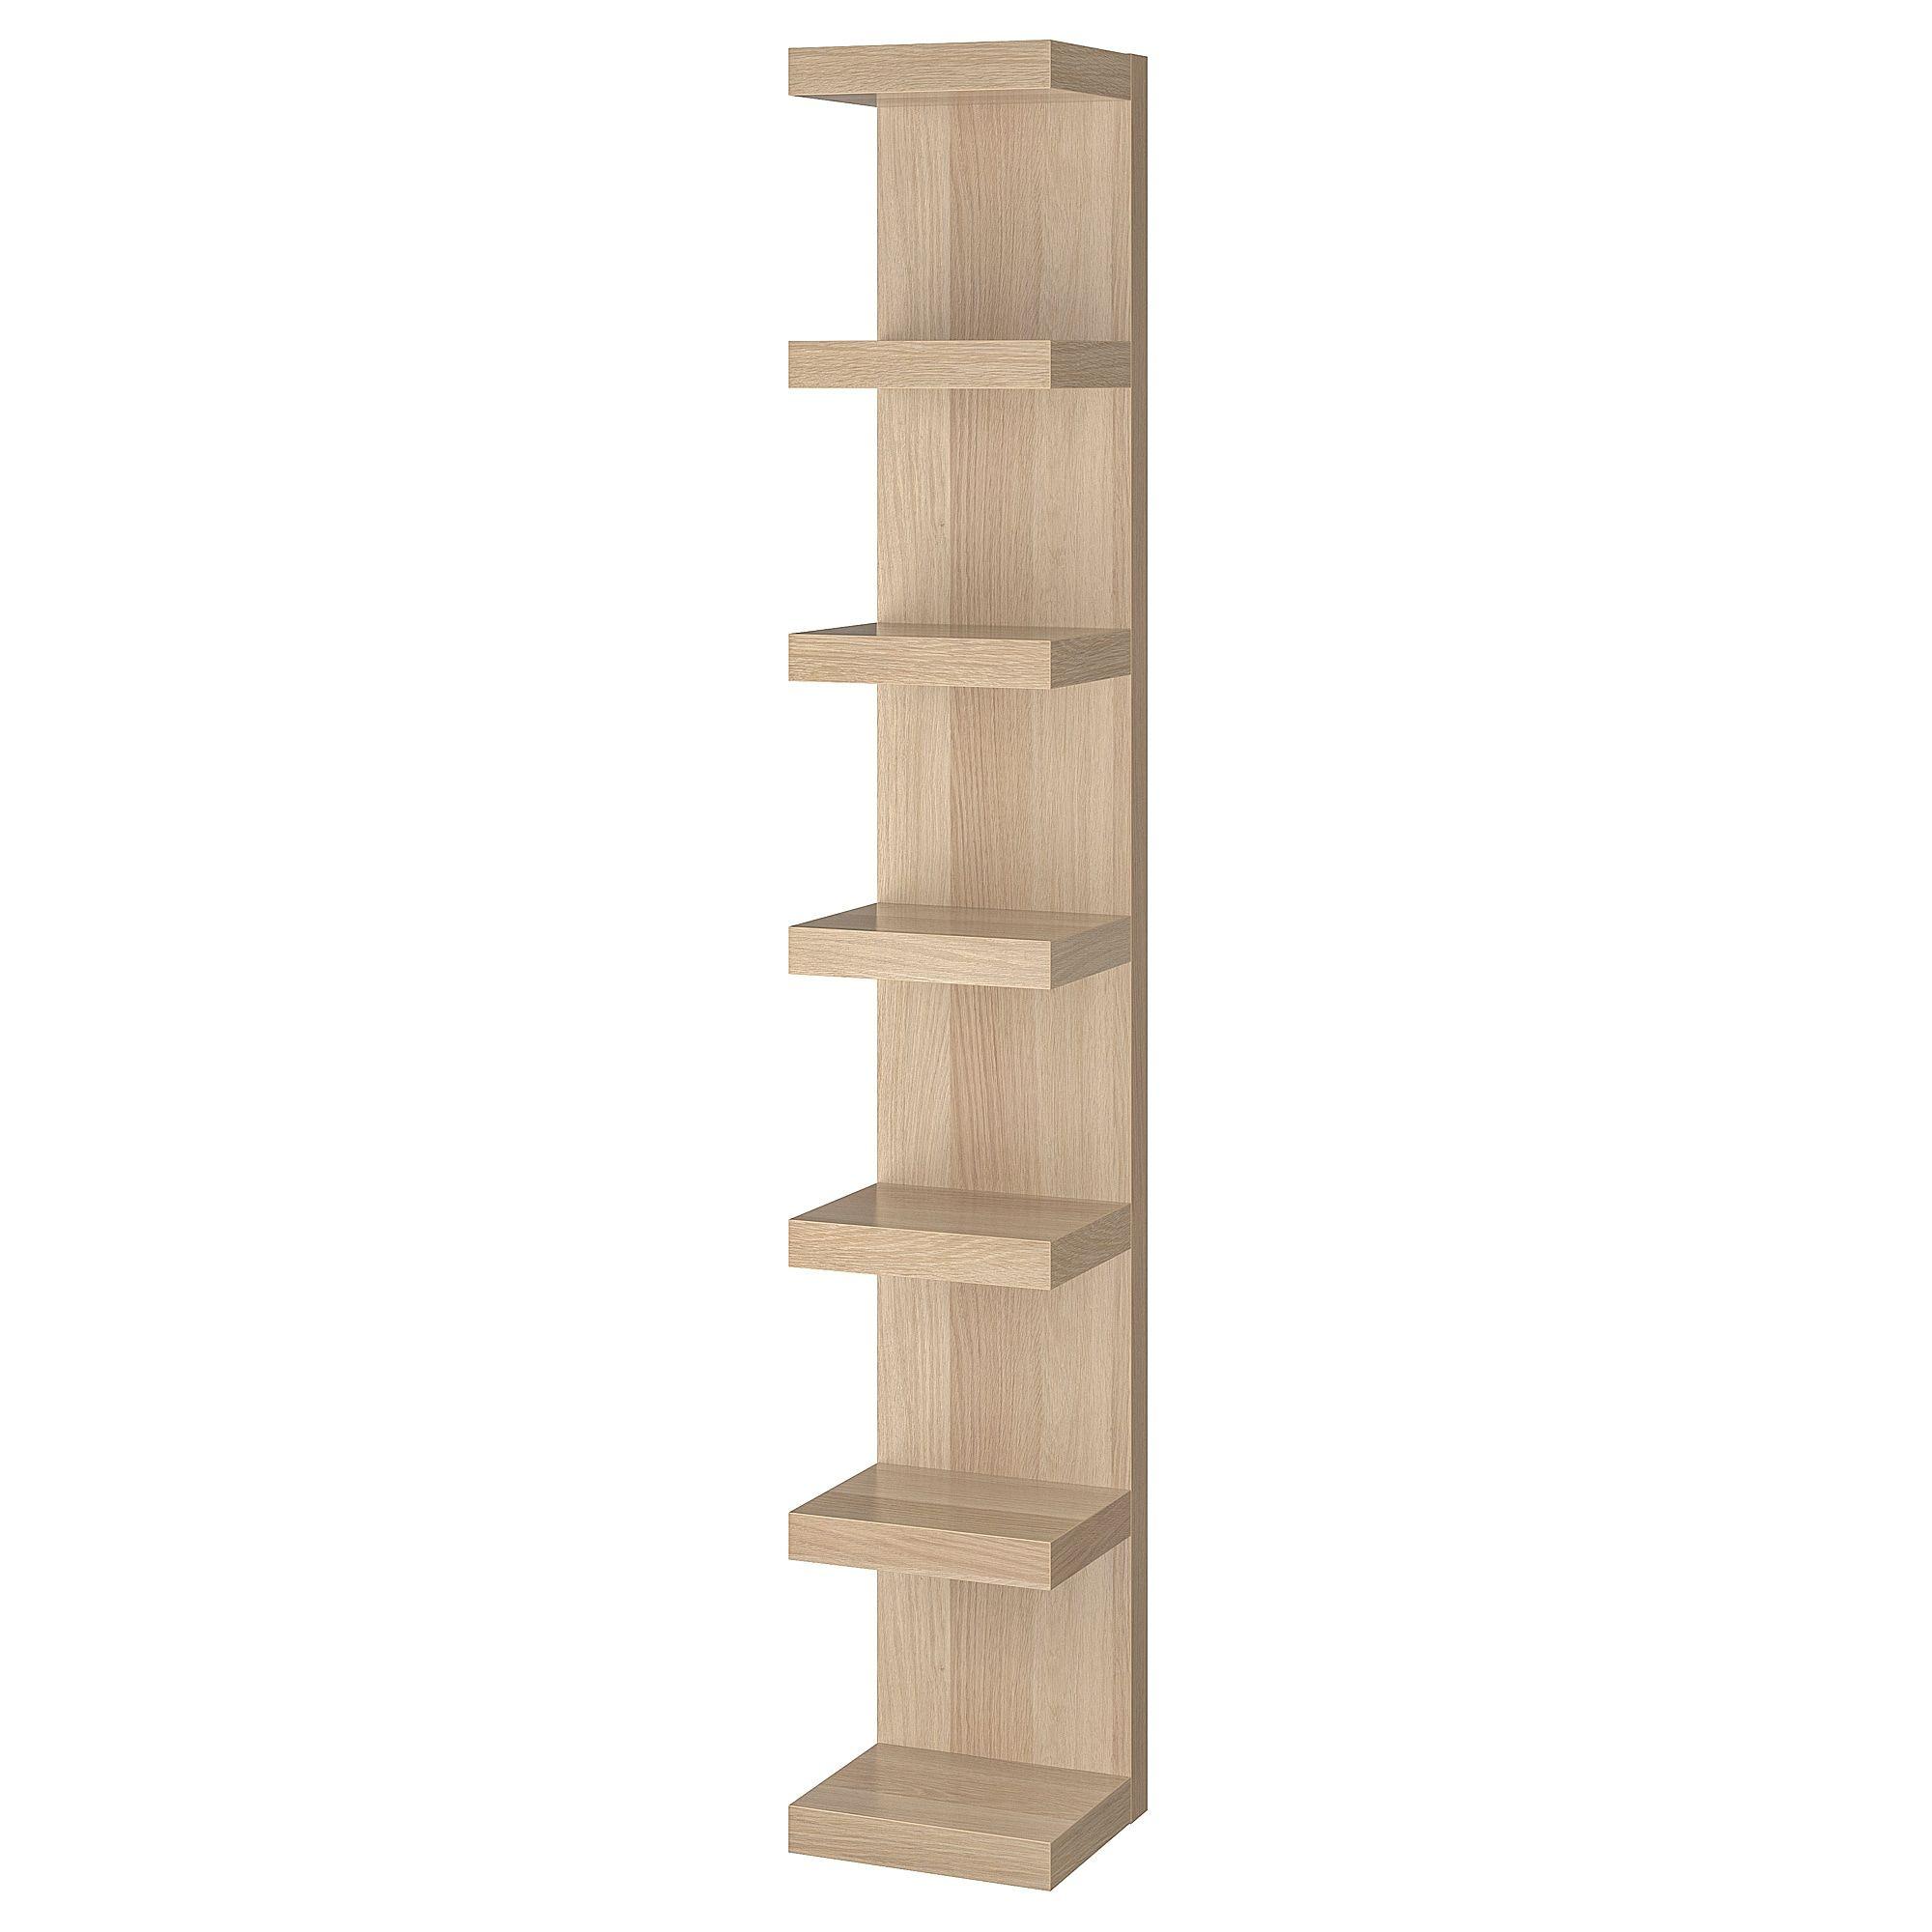 Lack Wall Shelf Unit White Stained Oak Effect 11 3 4x74 3 4 Ikea Wall Shelf Unit Ikea Lack Shelves Ikea Lack Wall Shelf